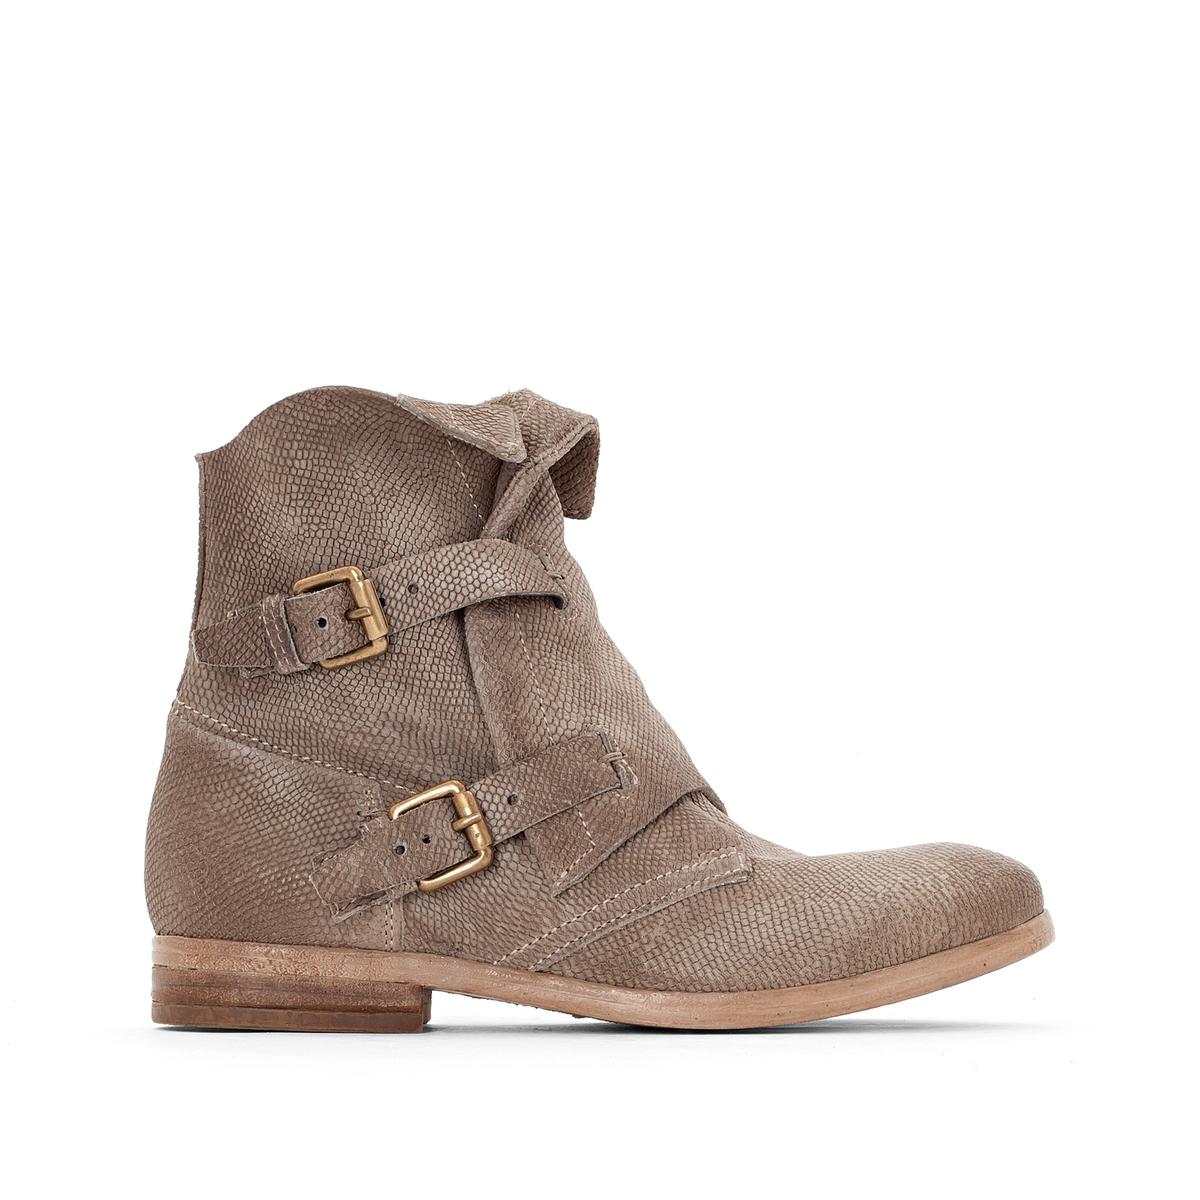 Сапоги кожаные NicoleВерх/Голенище: кожа.  Подкладка: кожа.  Стелька: кожа.  Подошва: резина.Высота каблука: 2 см.Форма каблука: плоский каблук.Мысок: закругленный.Застежка: на молнию.<br><br>Цвет: серо-коричневый<br>Размер: 39